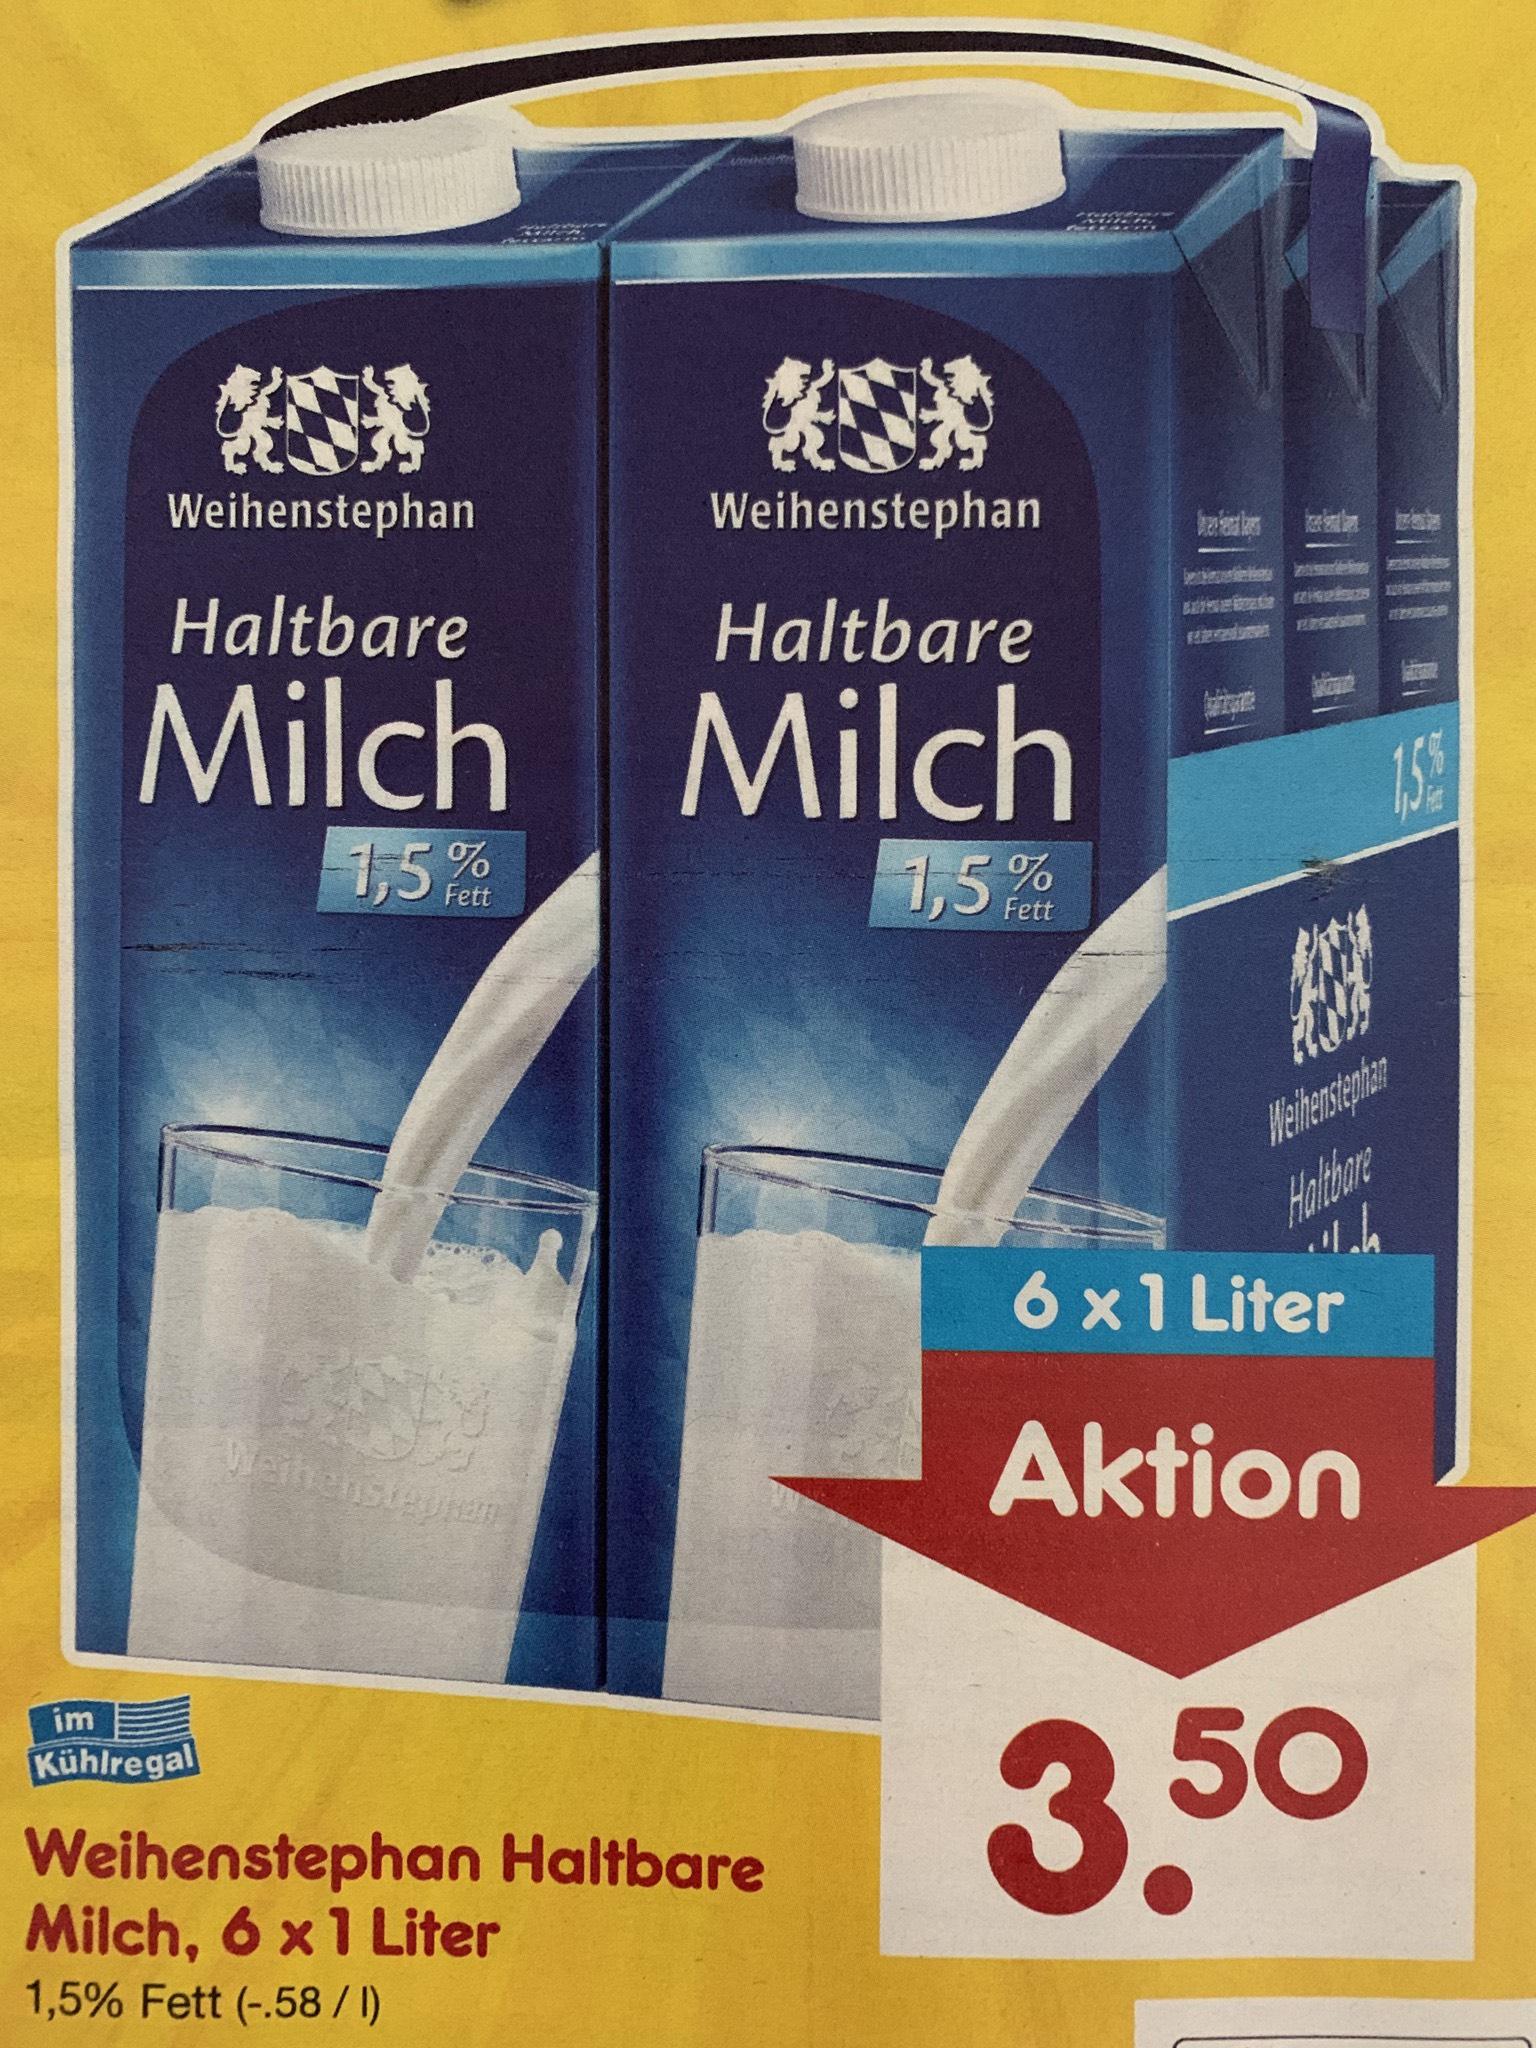 [NETTO] Weihenstephan Milch 1,5% Fett 6x1 Liter für 3,50 (Literpreis 0,58€)